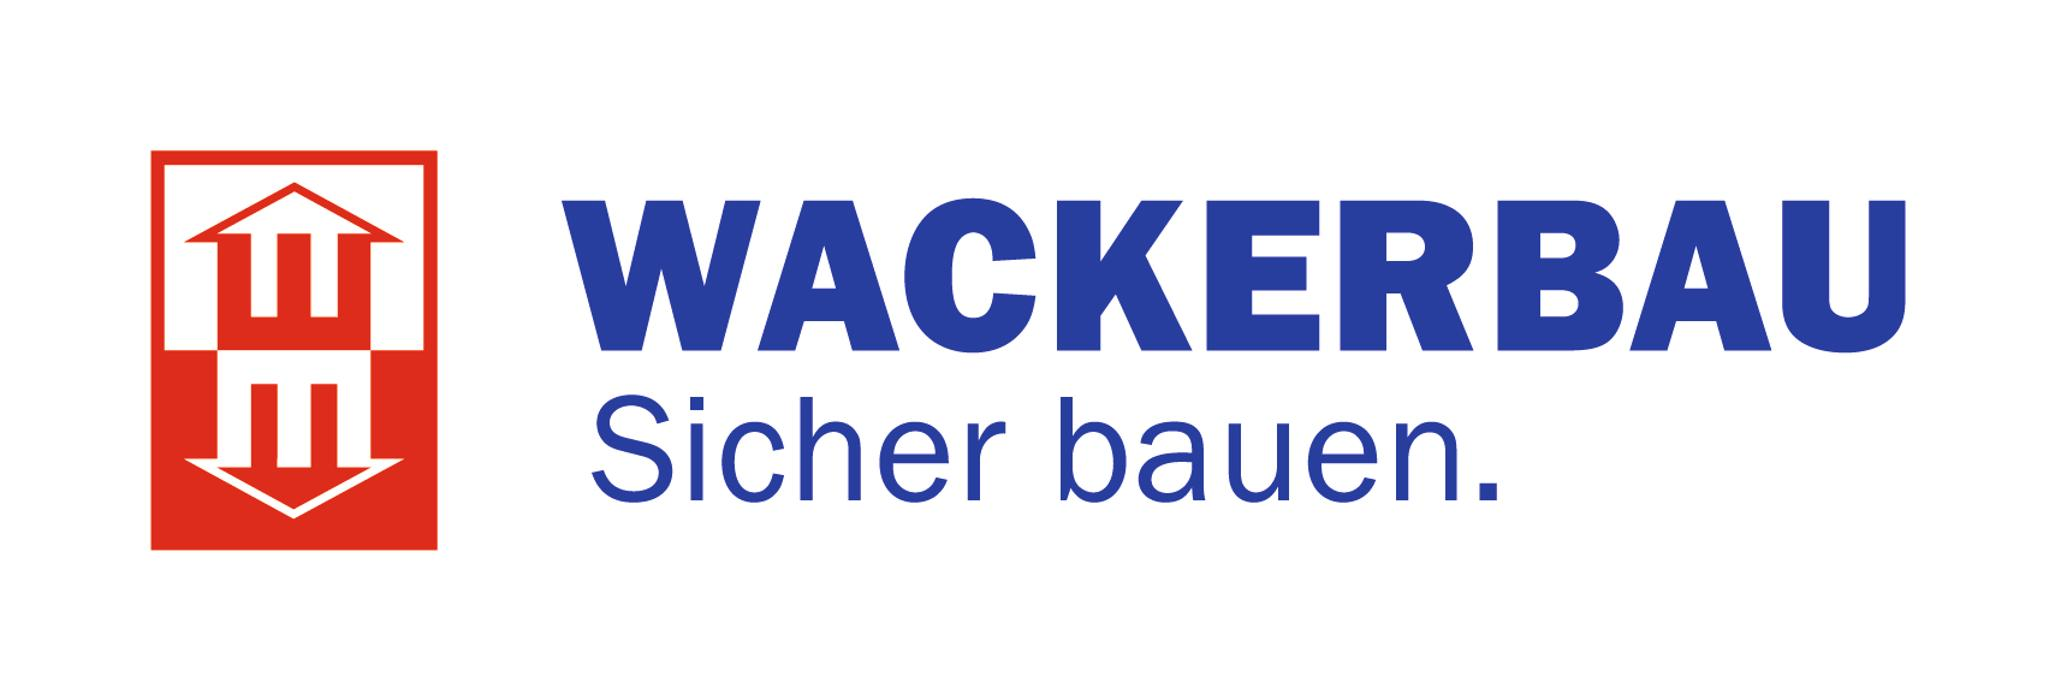 Bild zu WACKERBAU GmbH & Co. KG in Offenburg